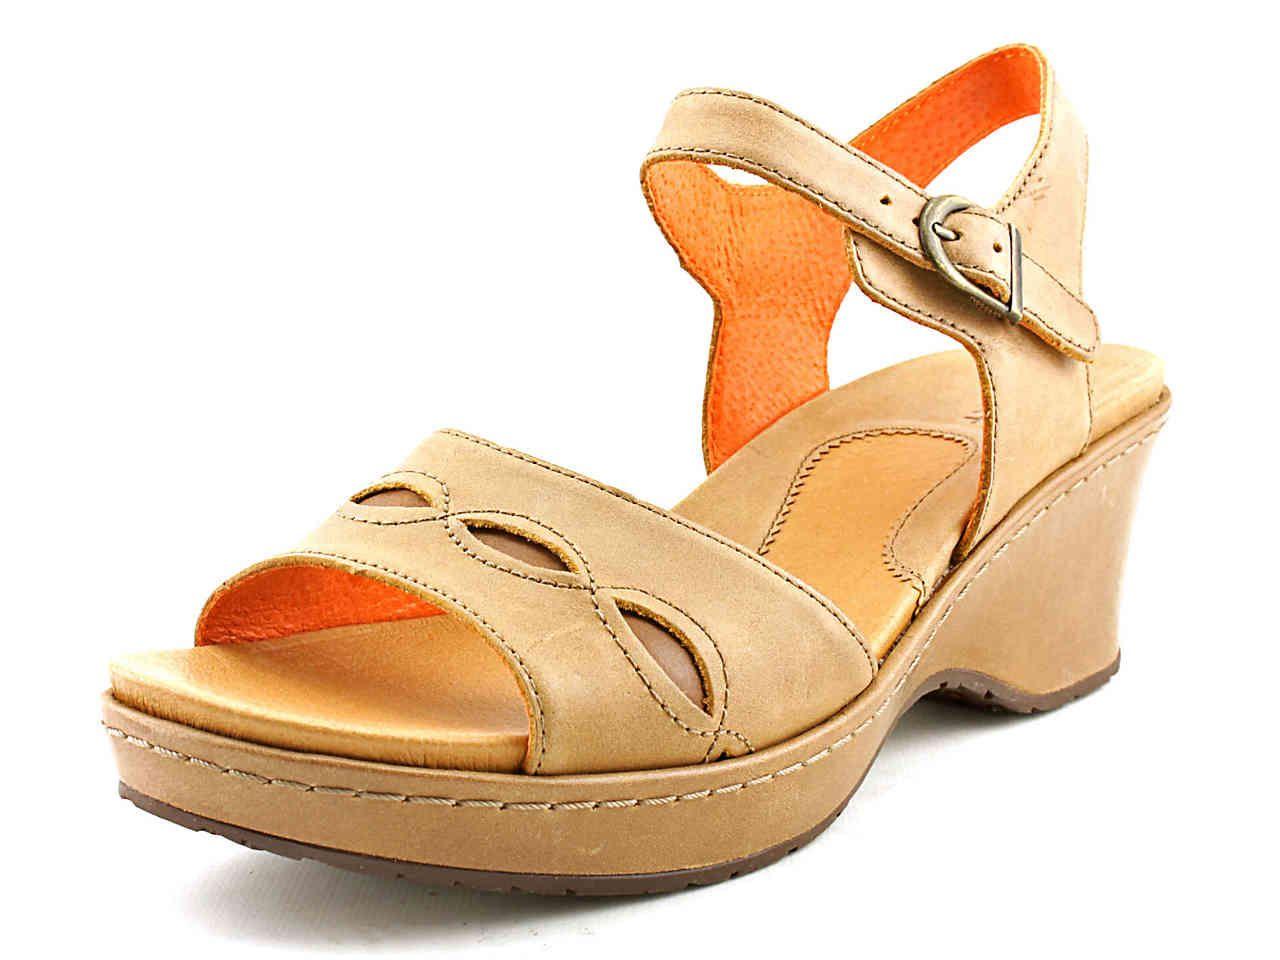 505c8ec7849 Sandy Platform Sandal - Final Sale · Shoes OutletWomen SandalsLight ...